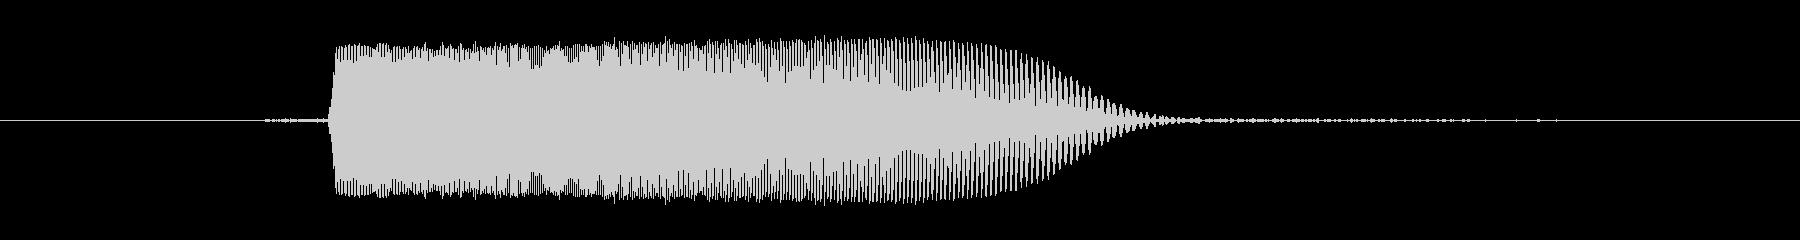 キュッ(キャンセル,電子音)の未再生の波形